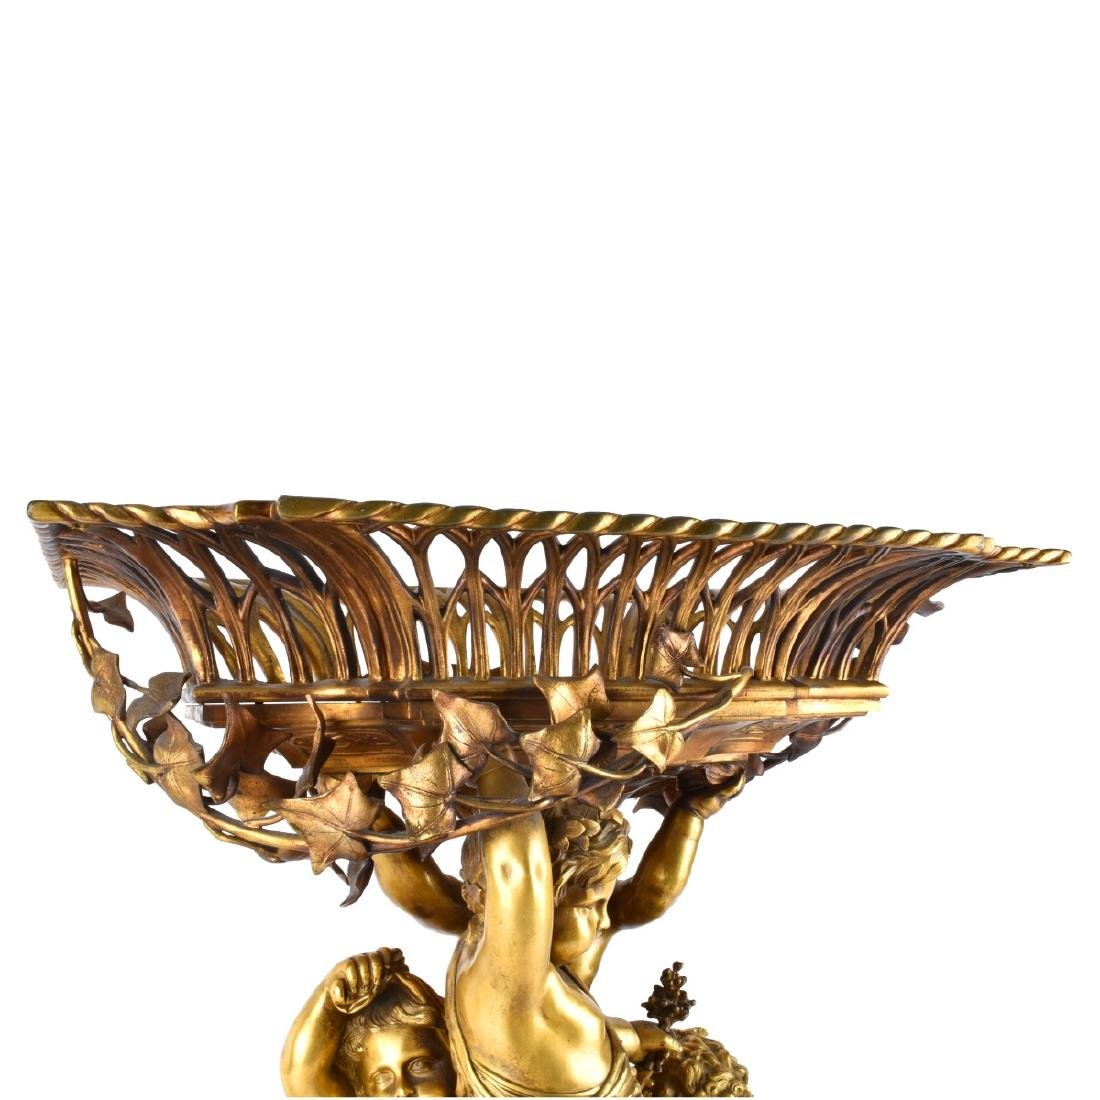 19th Century French Gilt Bronze Putti Centerpiece - 6